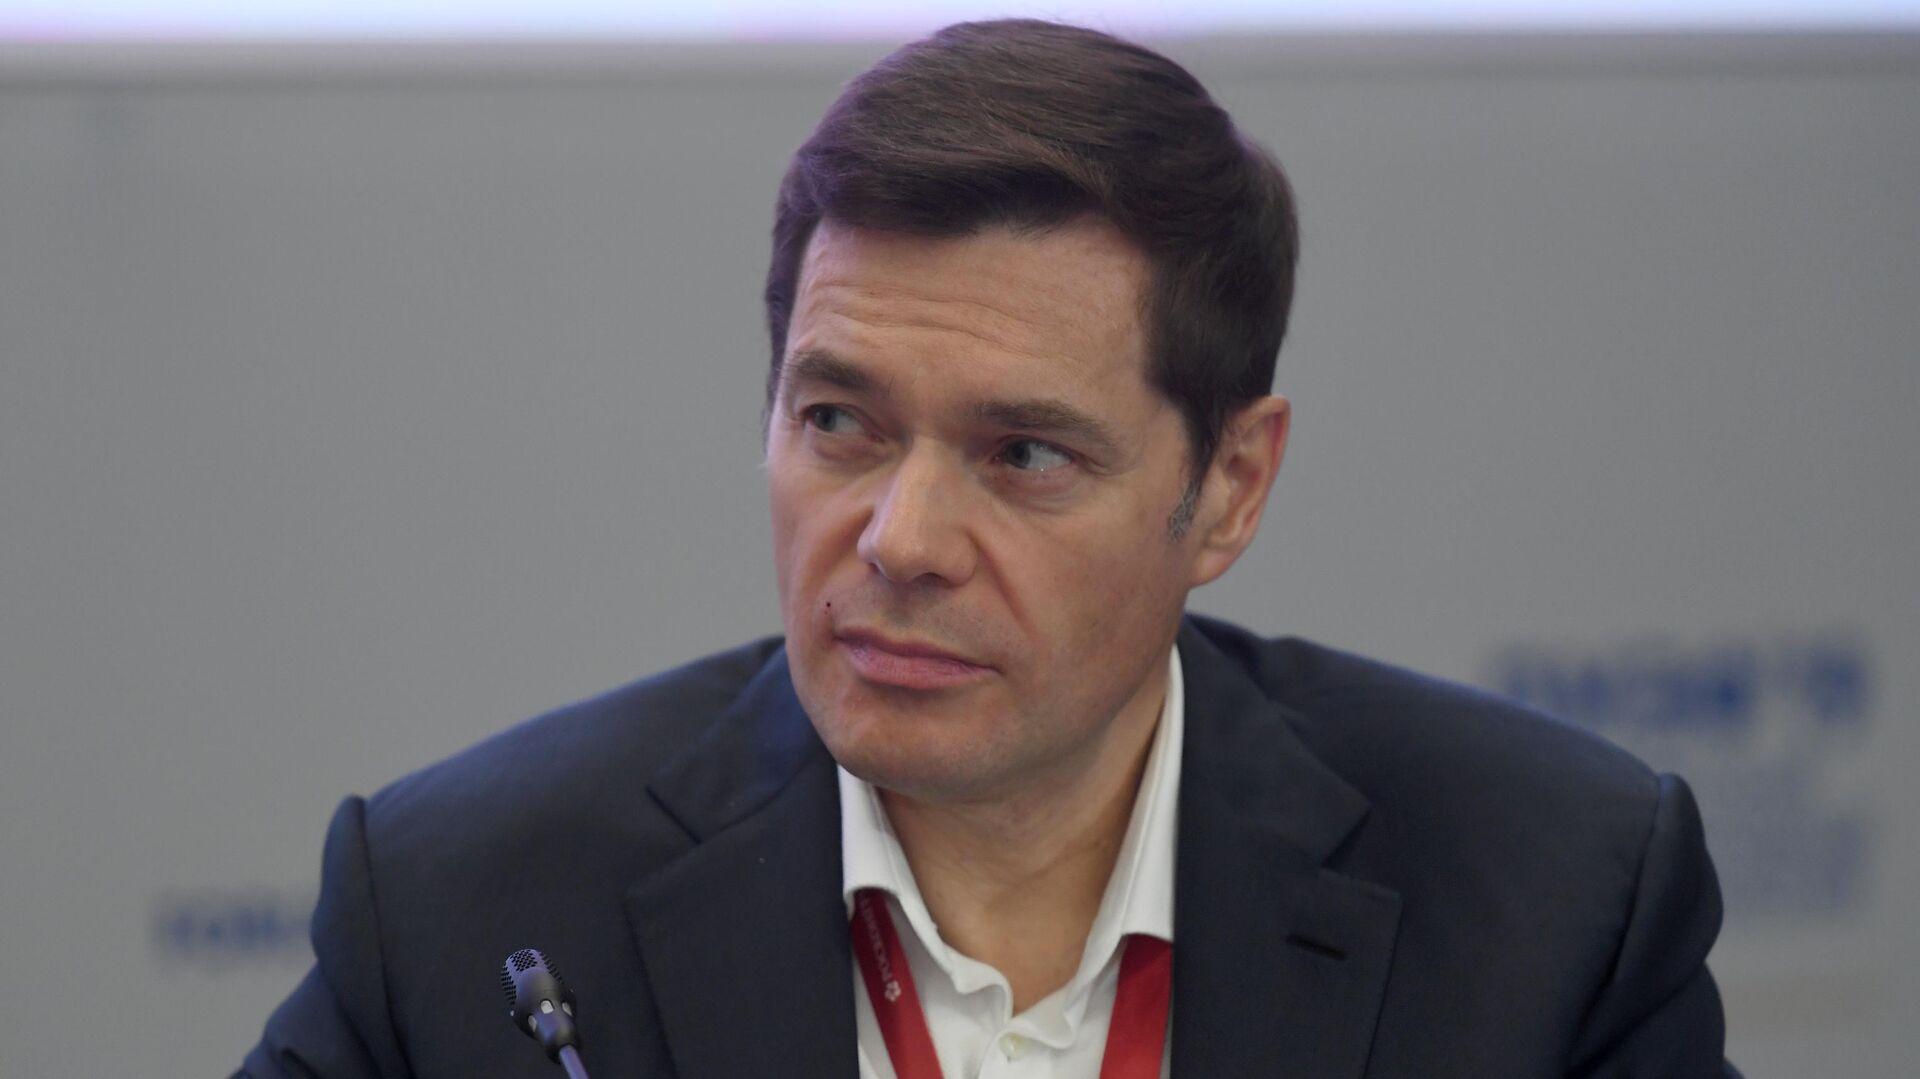 Председатель совета директоров ПАО Северсталь Алексей Мордашов на сессии Российская экономика в поисках стимулов роста в рамках ПМЭФ-2019 - РИА Новости, 1920, 12.01.2021